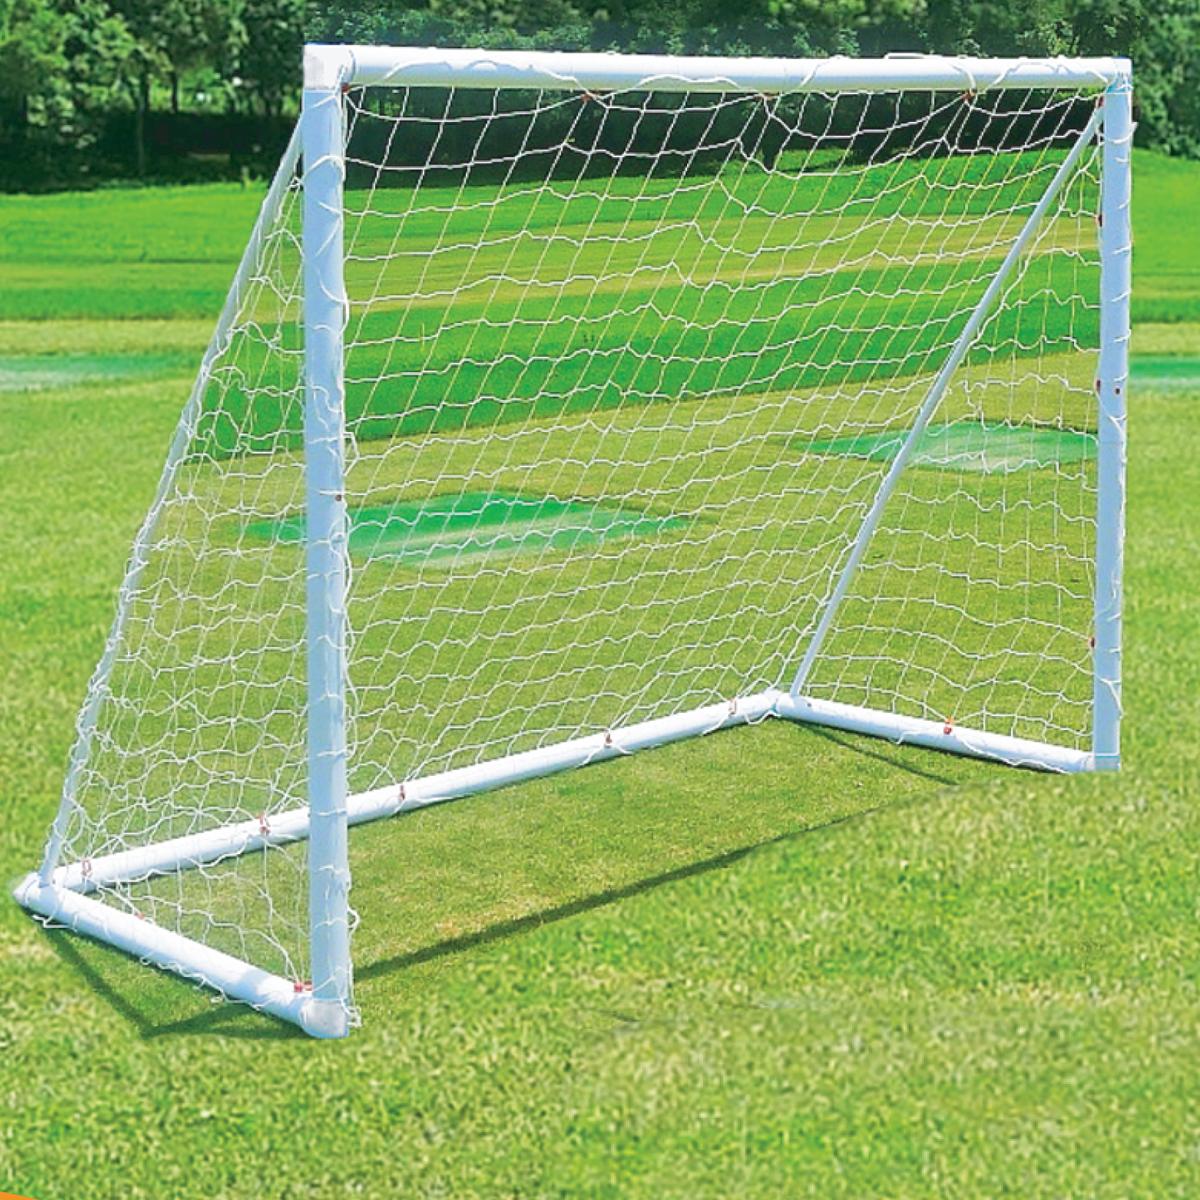 Fotbalová branka 244 x 122 x 106 cm, doprava zdarma